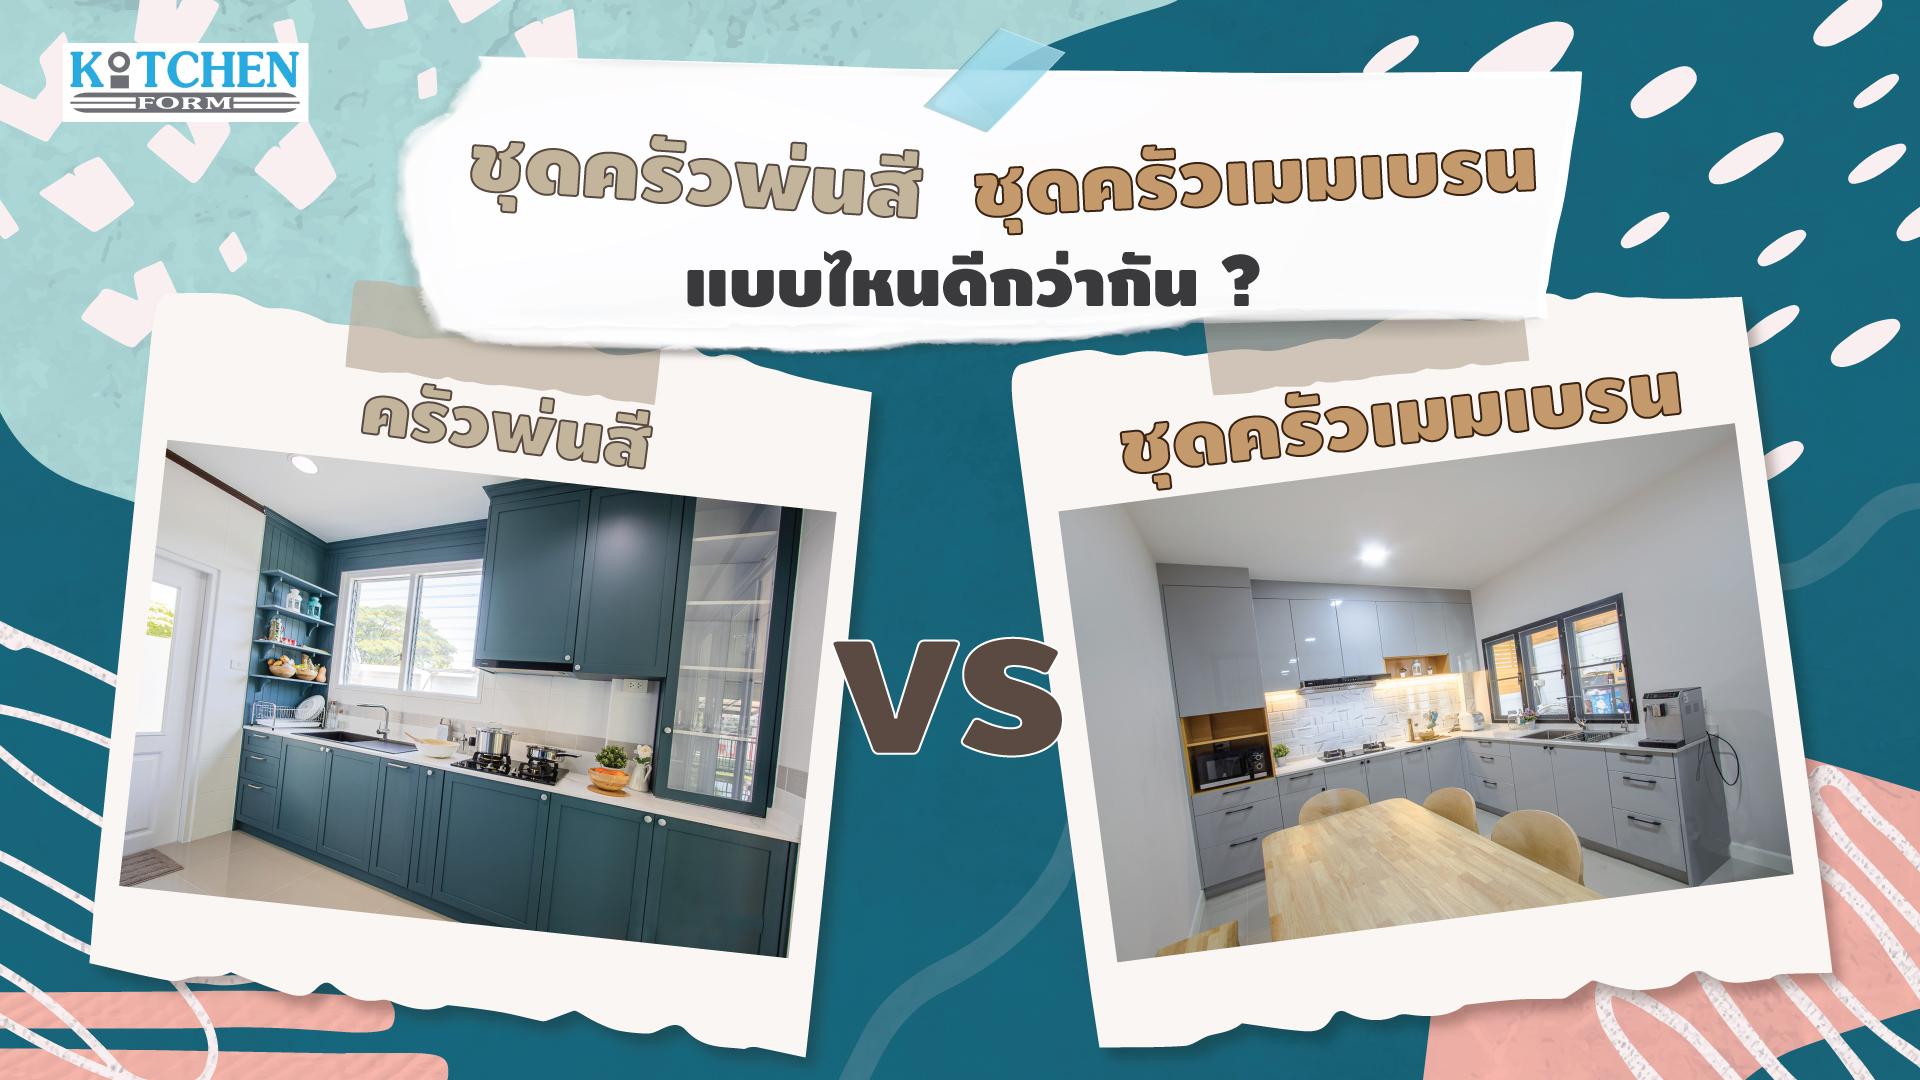 ชุดครัวพ่นสี vs ชุดครัวเมมเบรน แบบไหนดีกว่ากัน ?, ชุดครัวพ่นสี, ชุดครัวเมมเบรน, แบบไหนดีกว่ากัน,